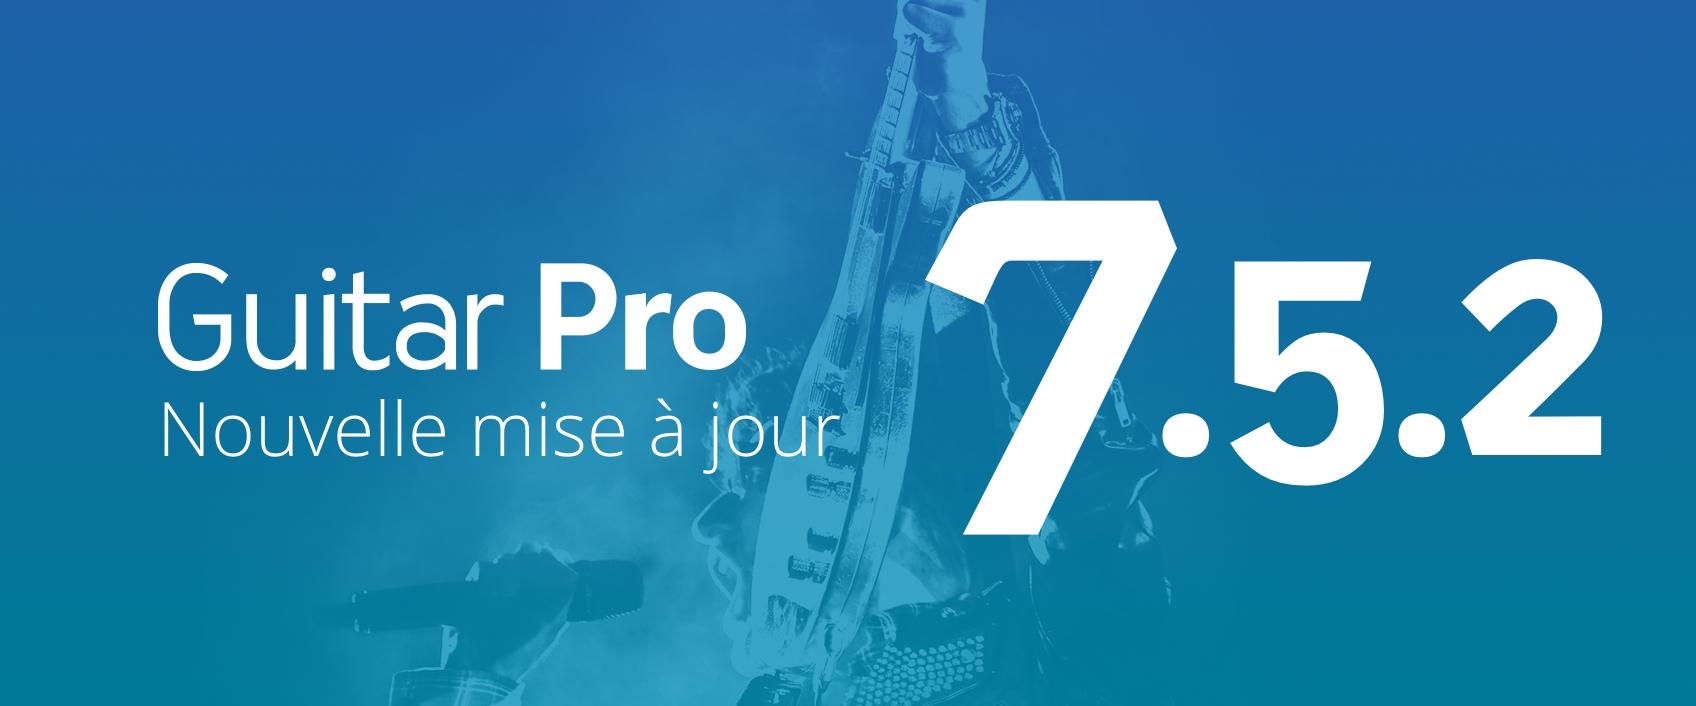 Guitar Pro 7.5.2 est disponible